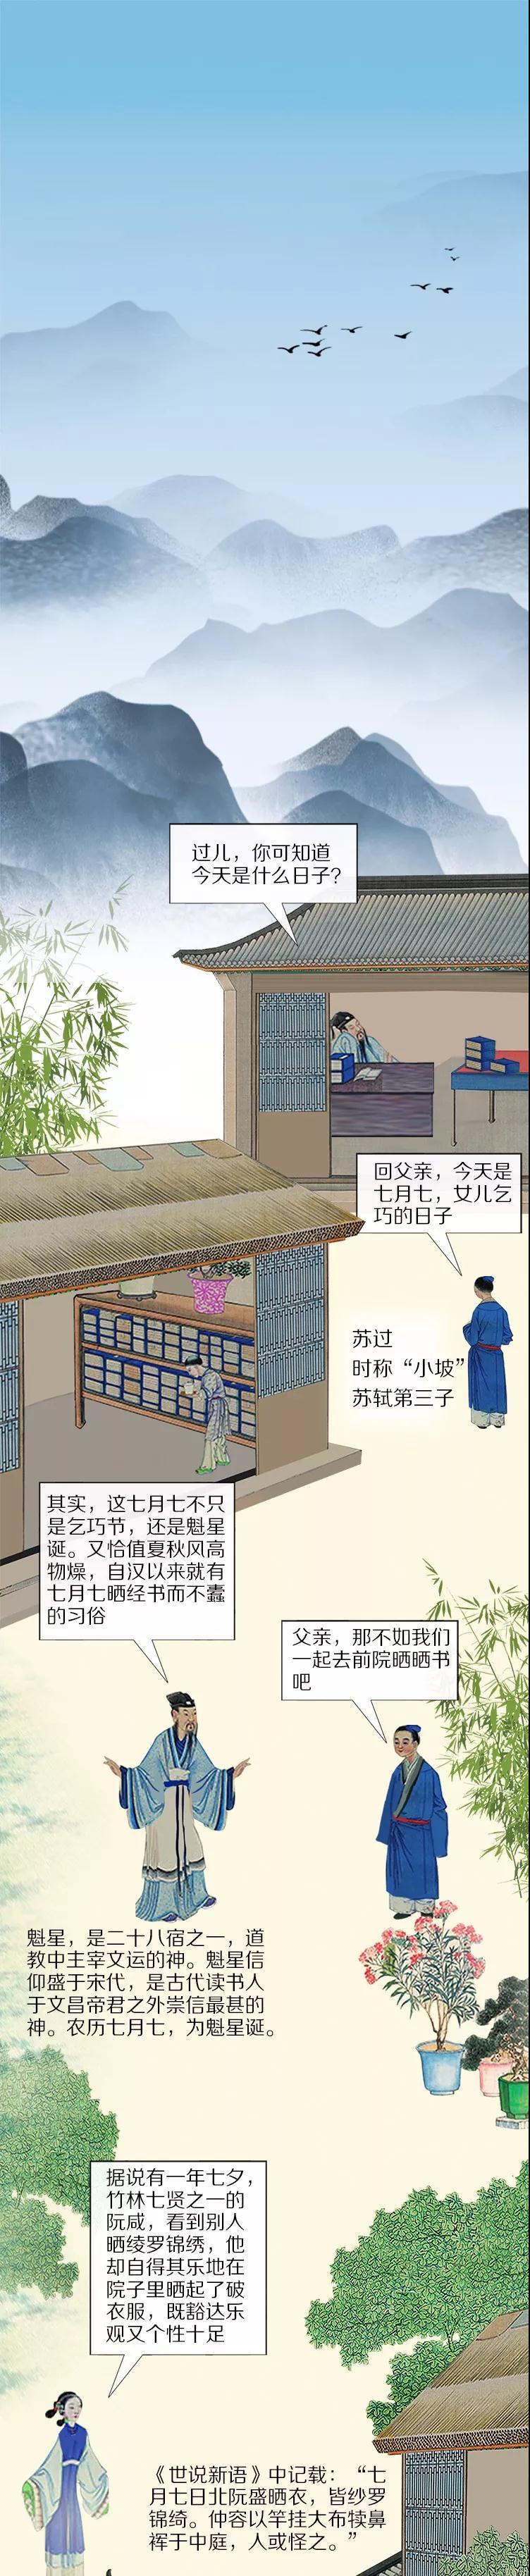 民国岁月 苏轼有多喜欢过七夕?